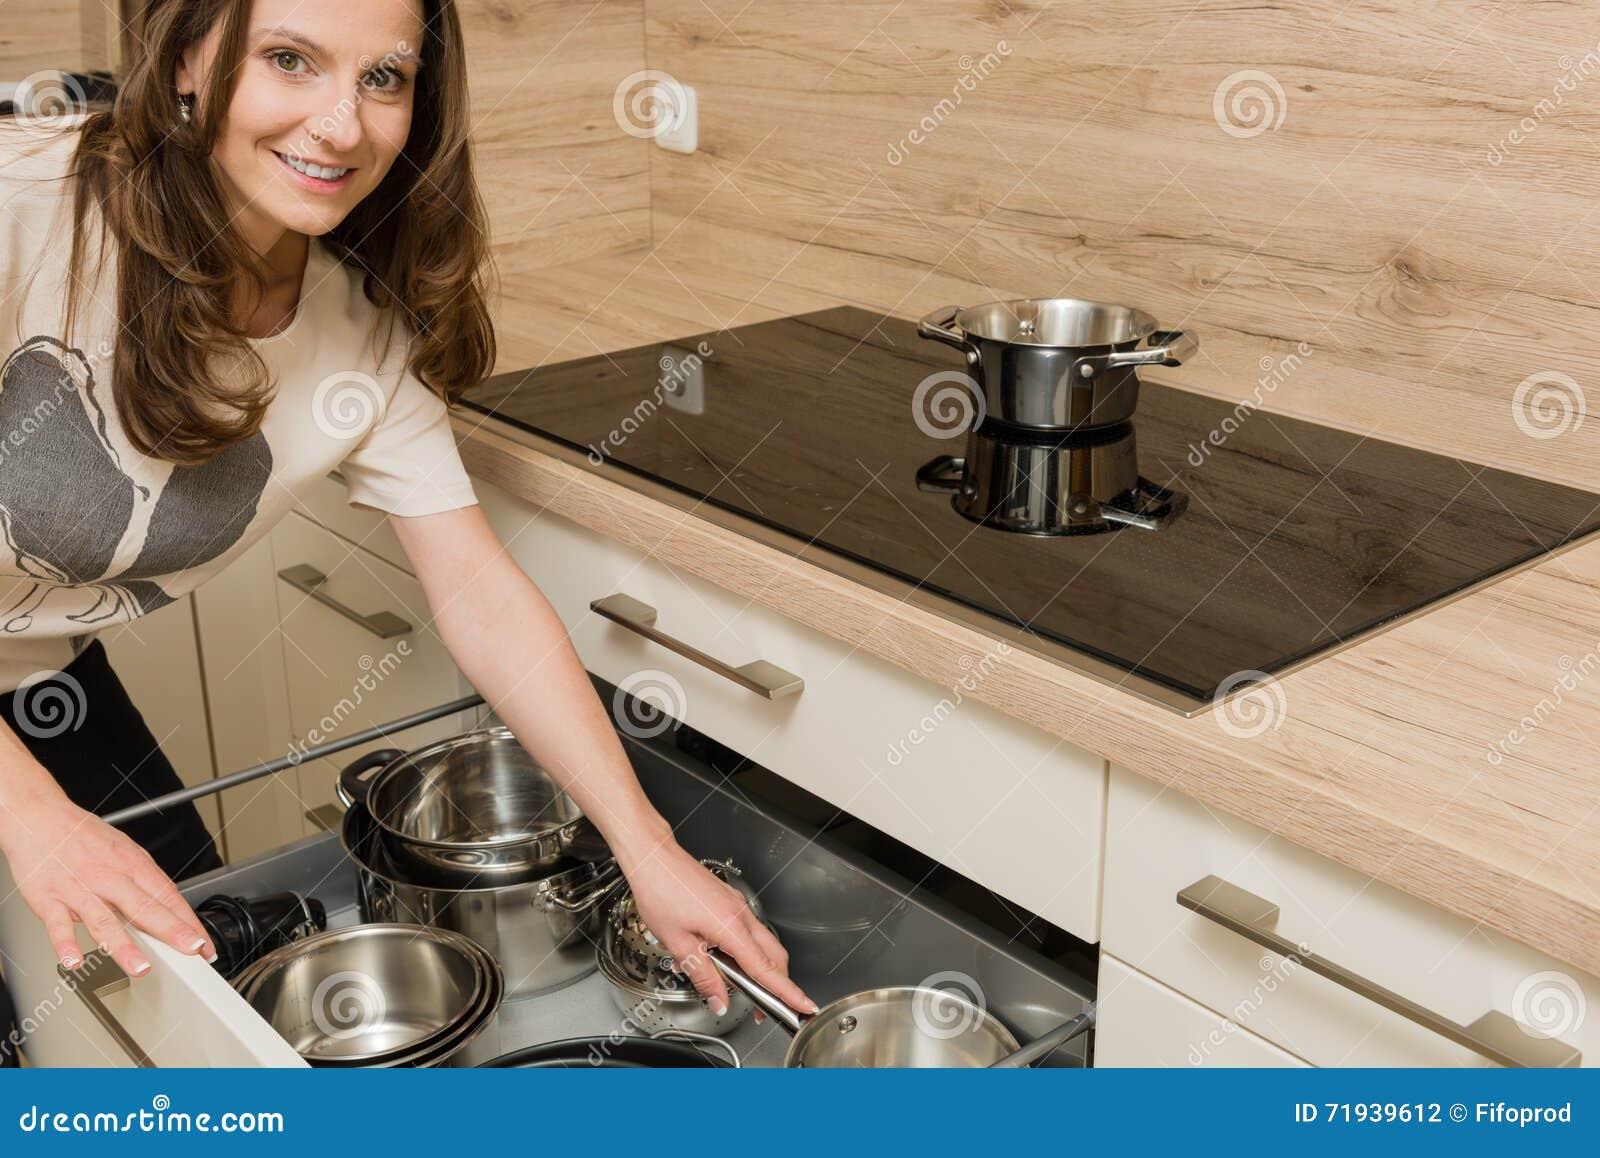 Женщина перед современным плитаом с открытым ящиком под плитой